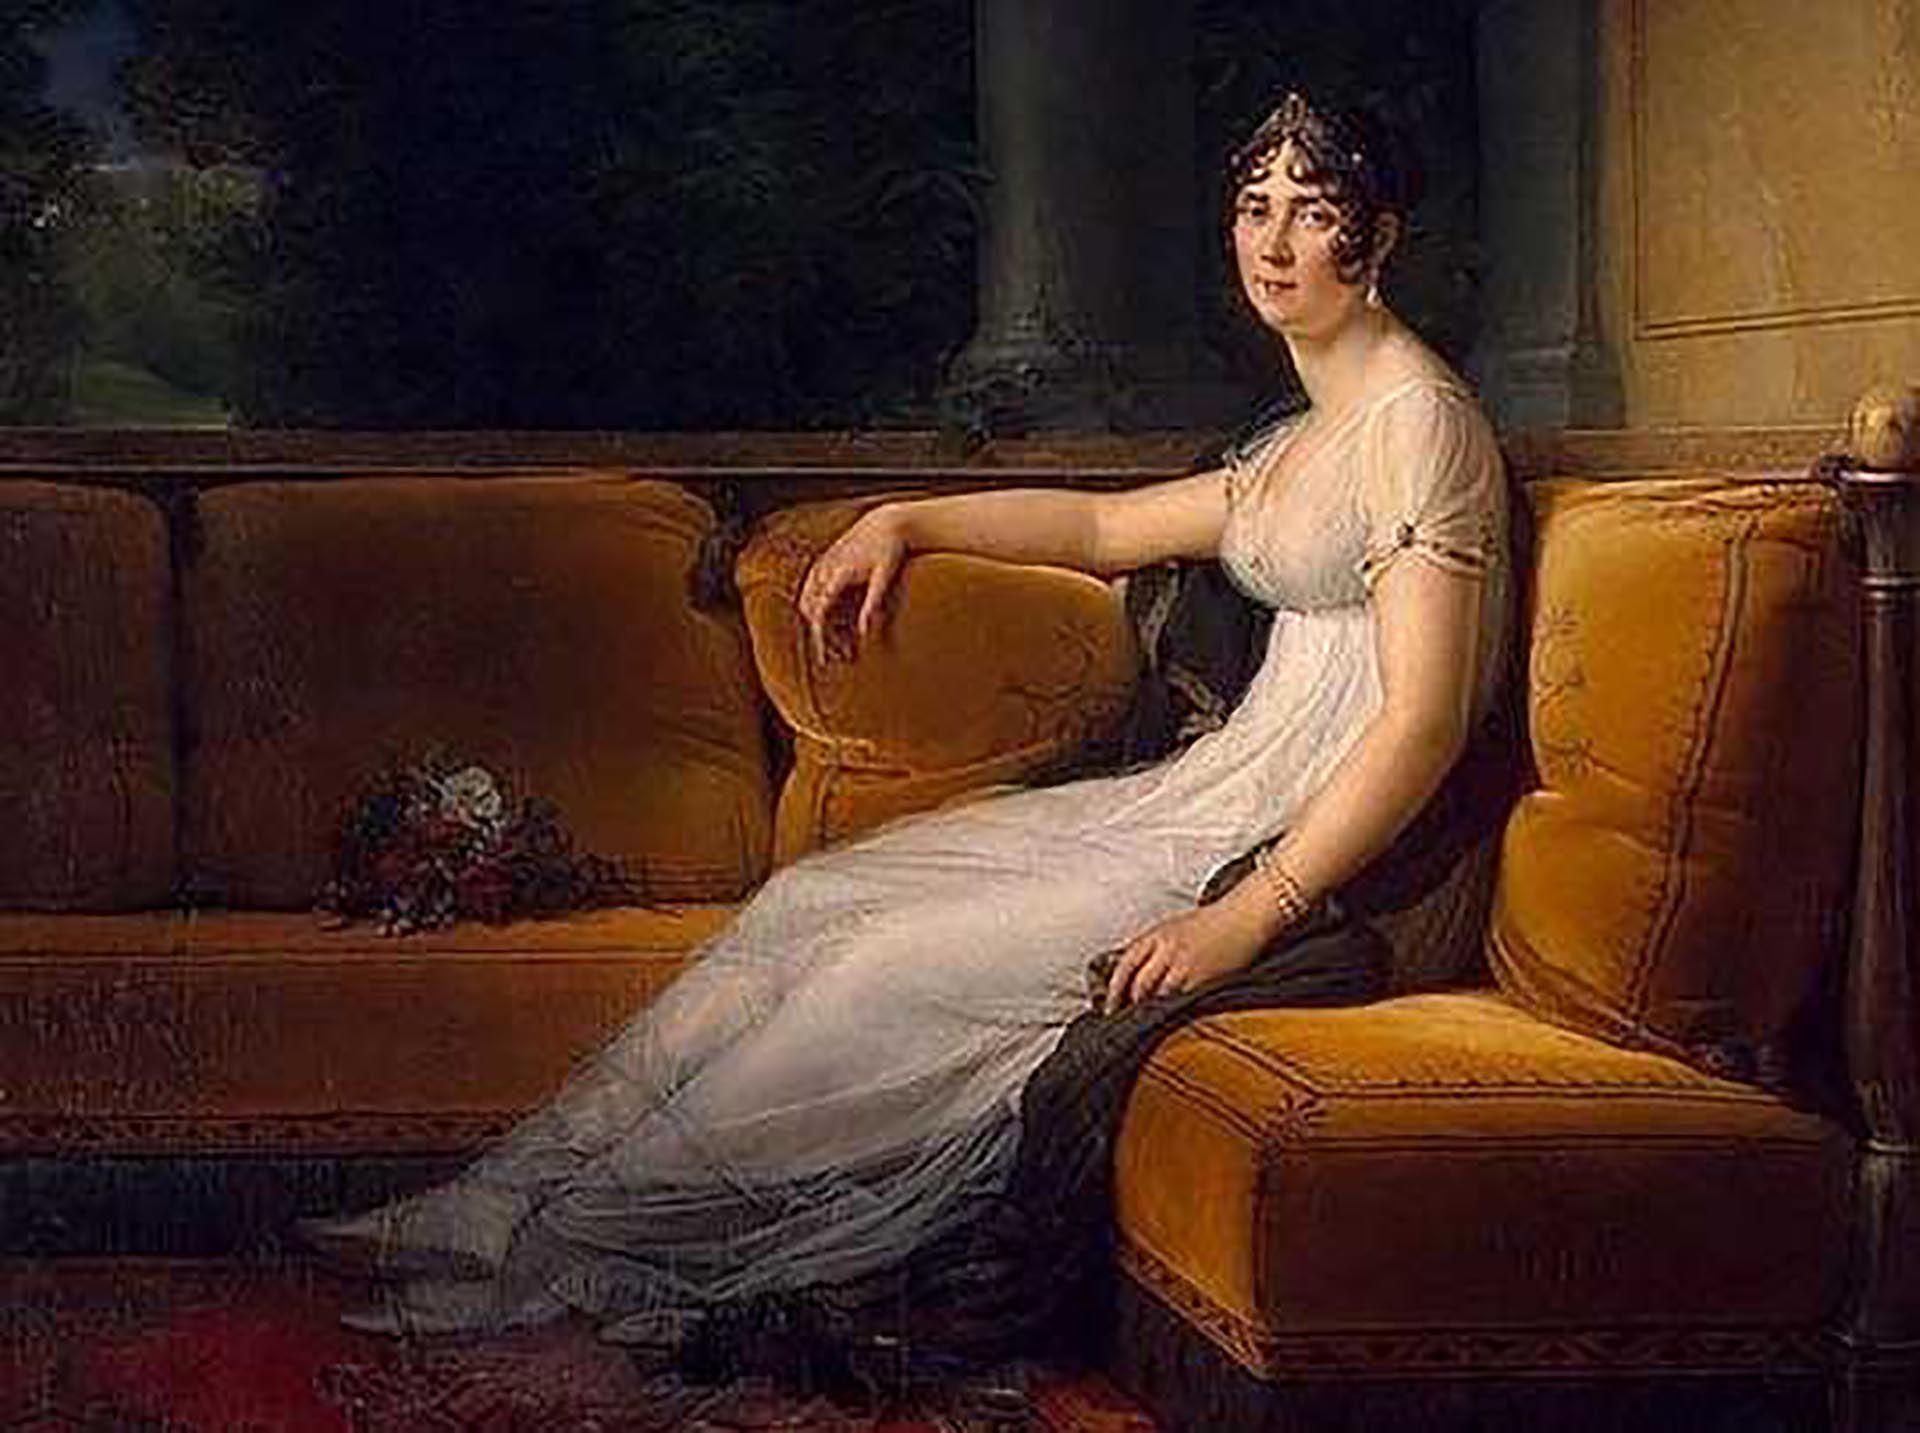 Josefina era cinco años mayor, era viuda y deslumbró a Napoleón